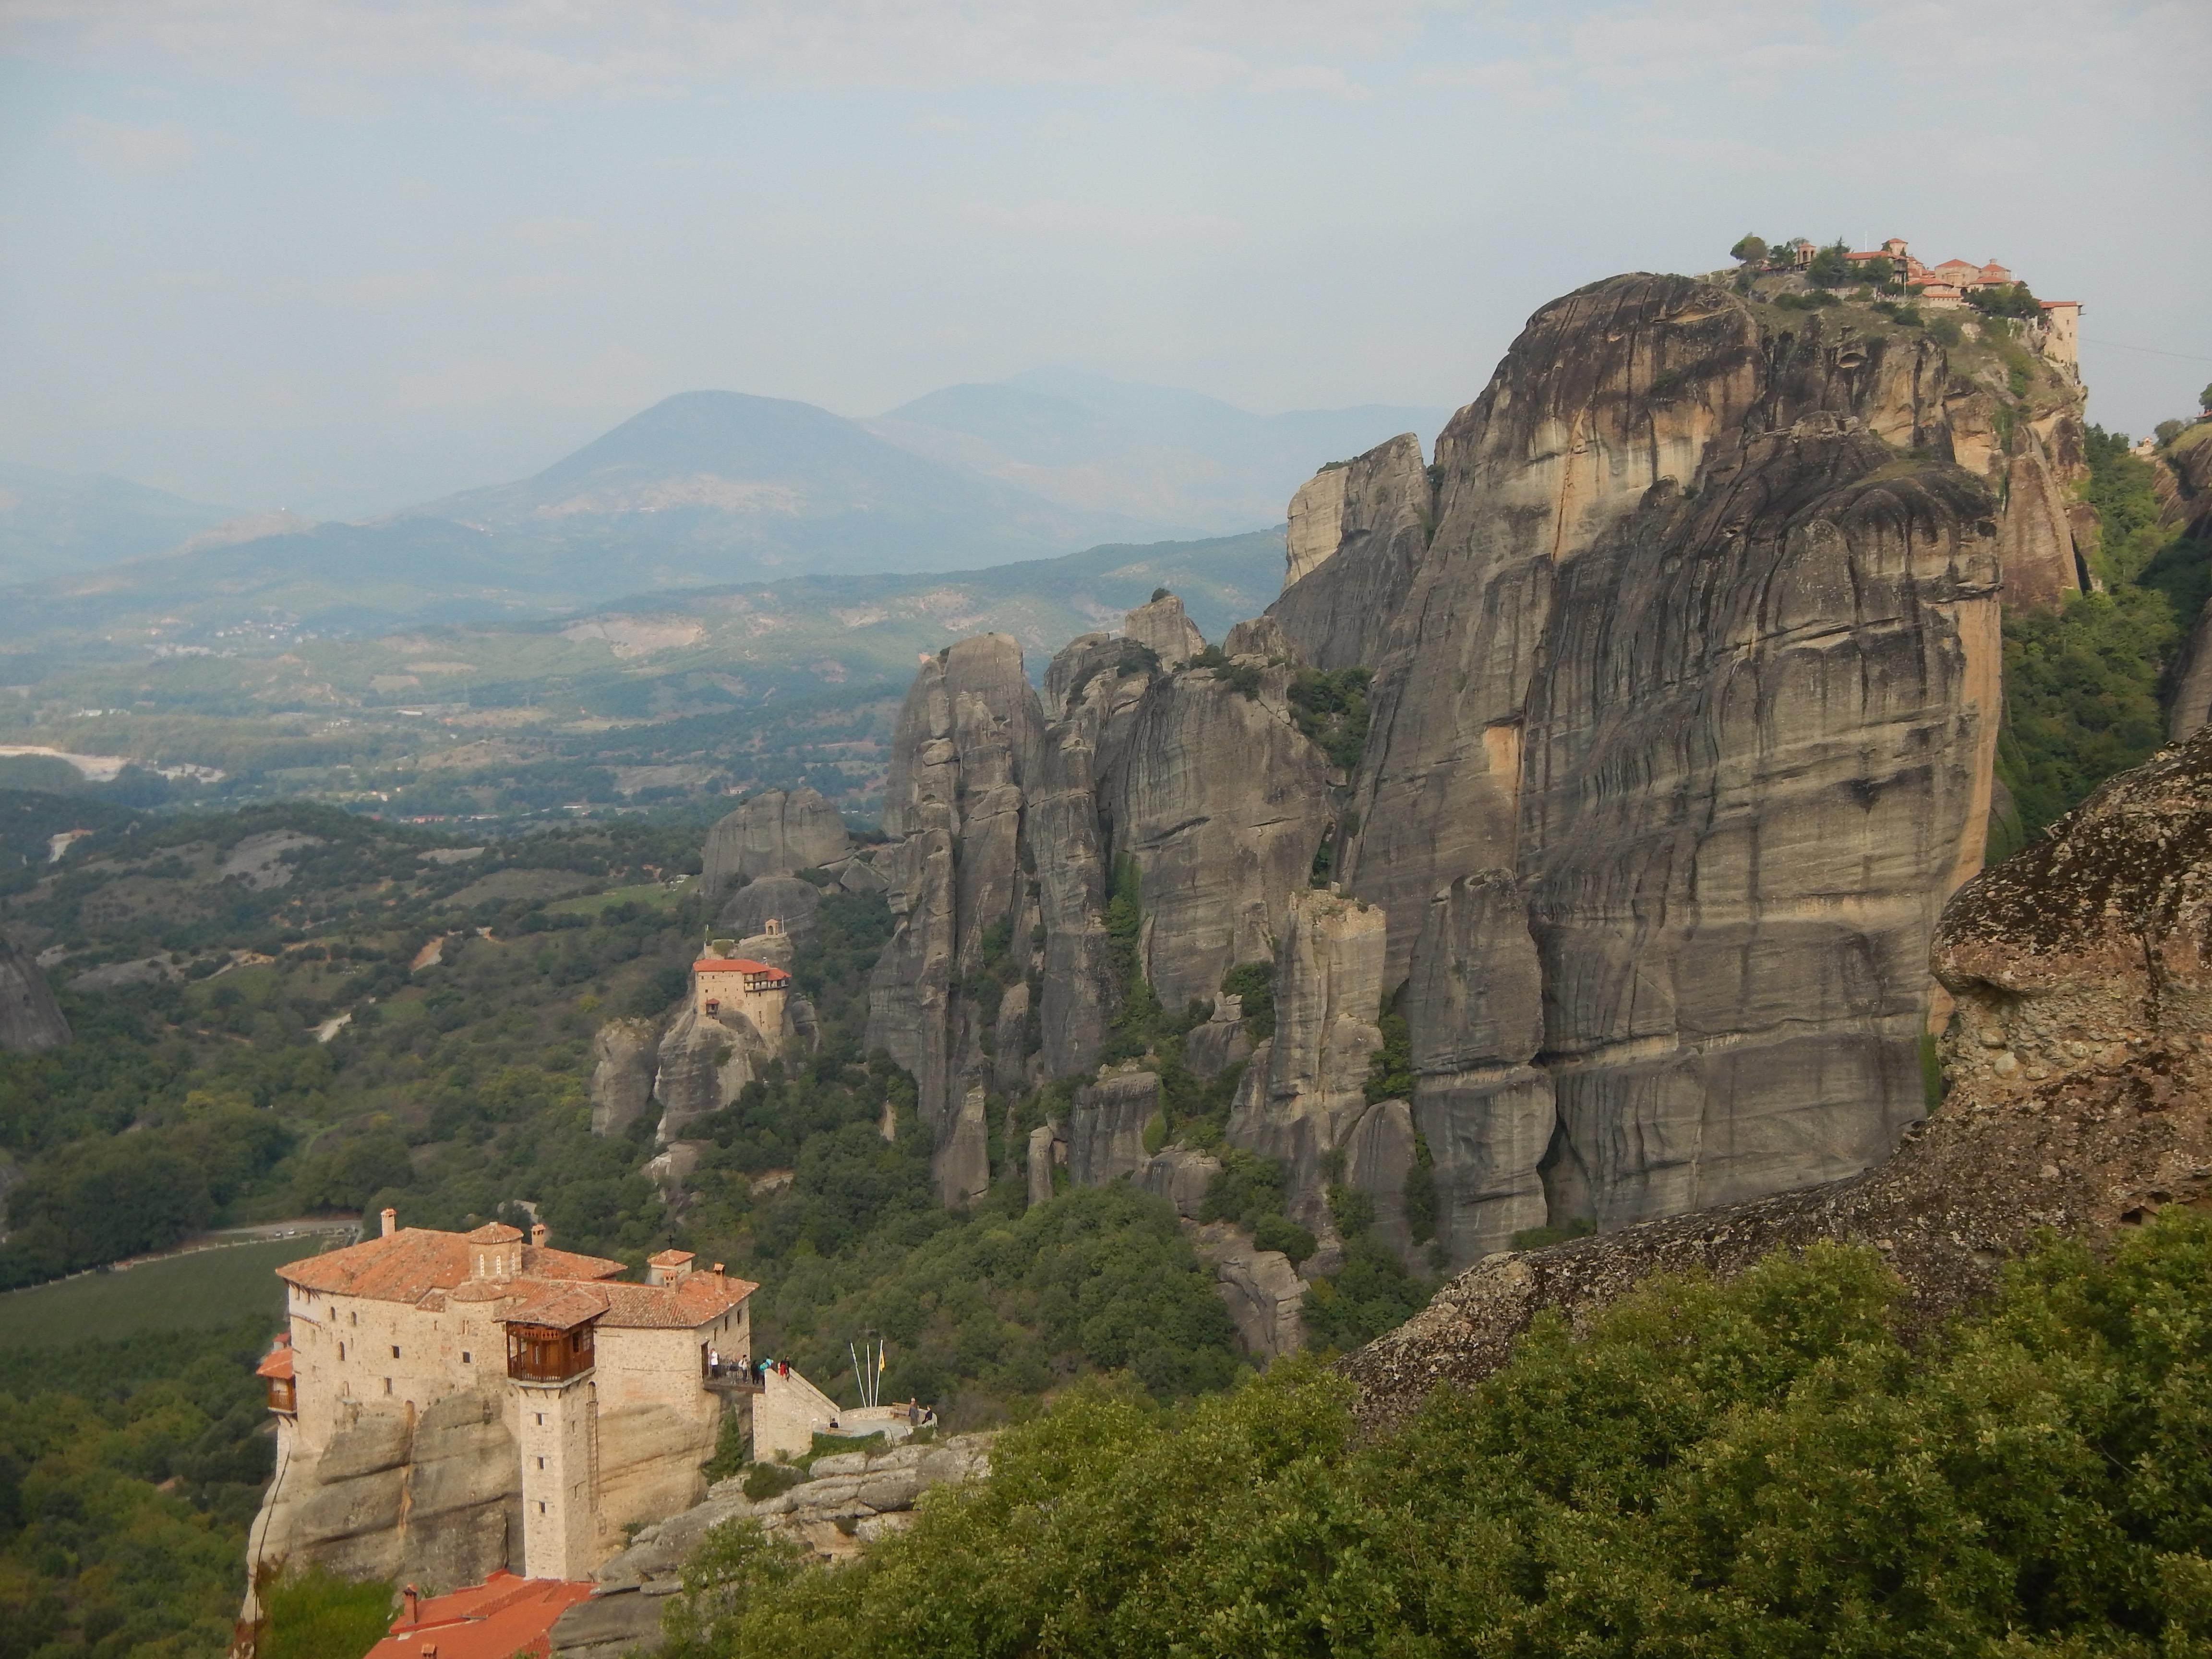 Grèce - Destination Météores par trail rando 161003072311253359